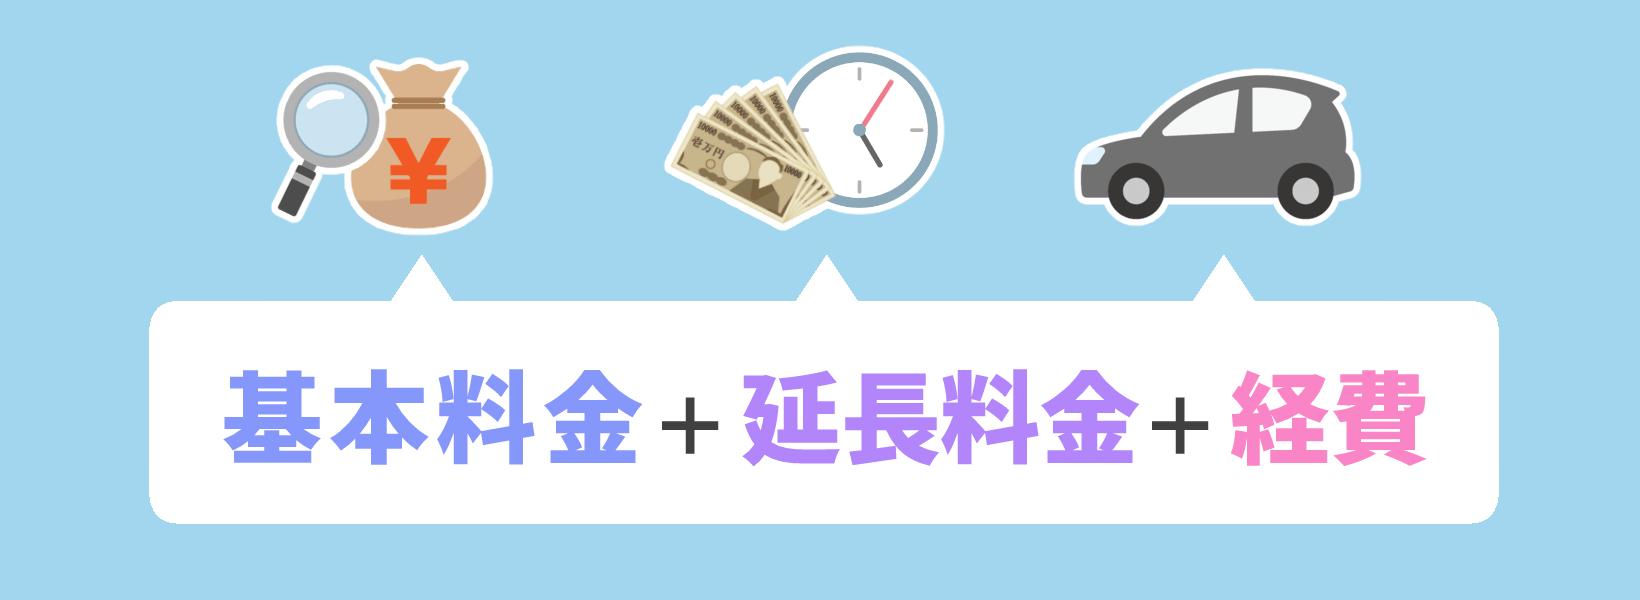 定額制は「基本料金+延長料金+経費」で計算されます。定額制は興信所によって2種類あります。1.時間制の料金をまとめて定額制にする2.1日の料金を設定する。もし決定的な証拠や写真が撮れなかったとしても、定額制の場合は返金されません。